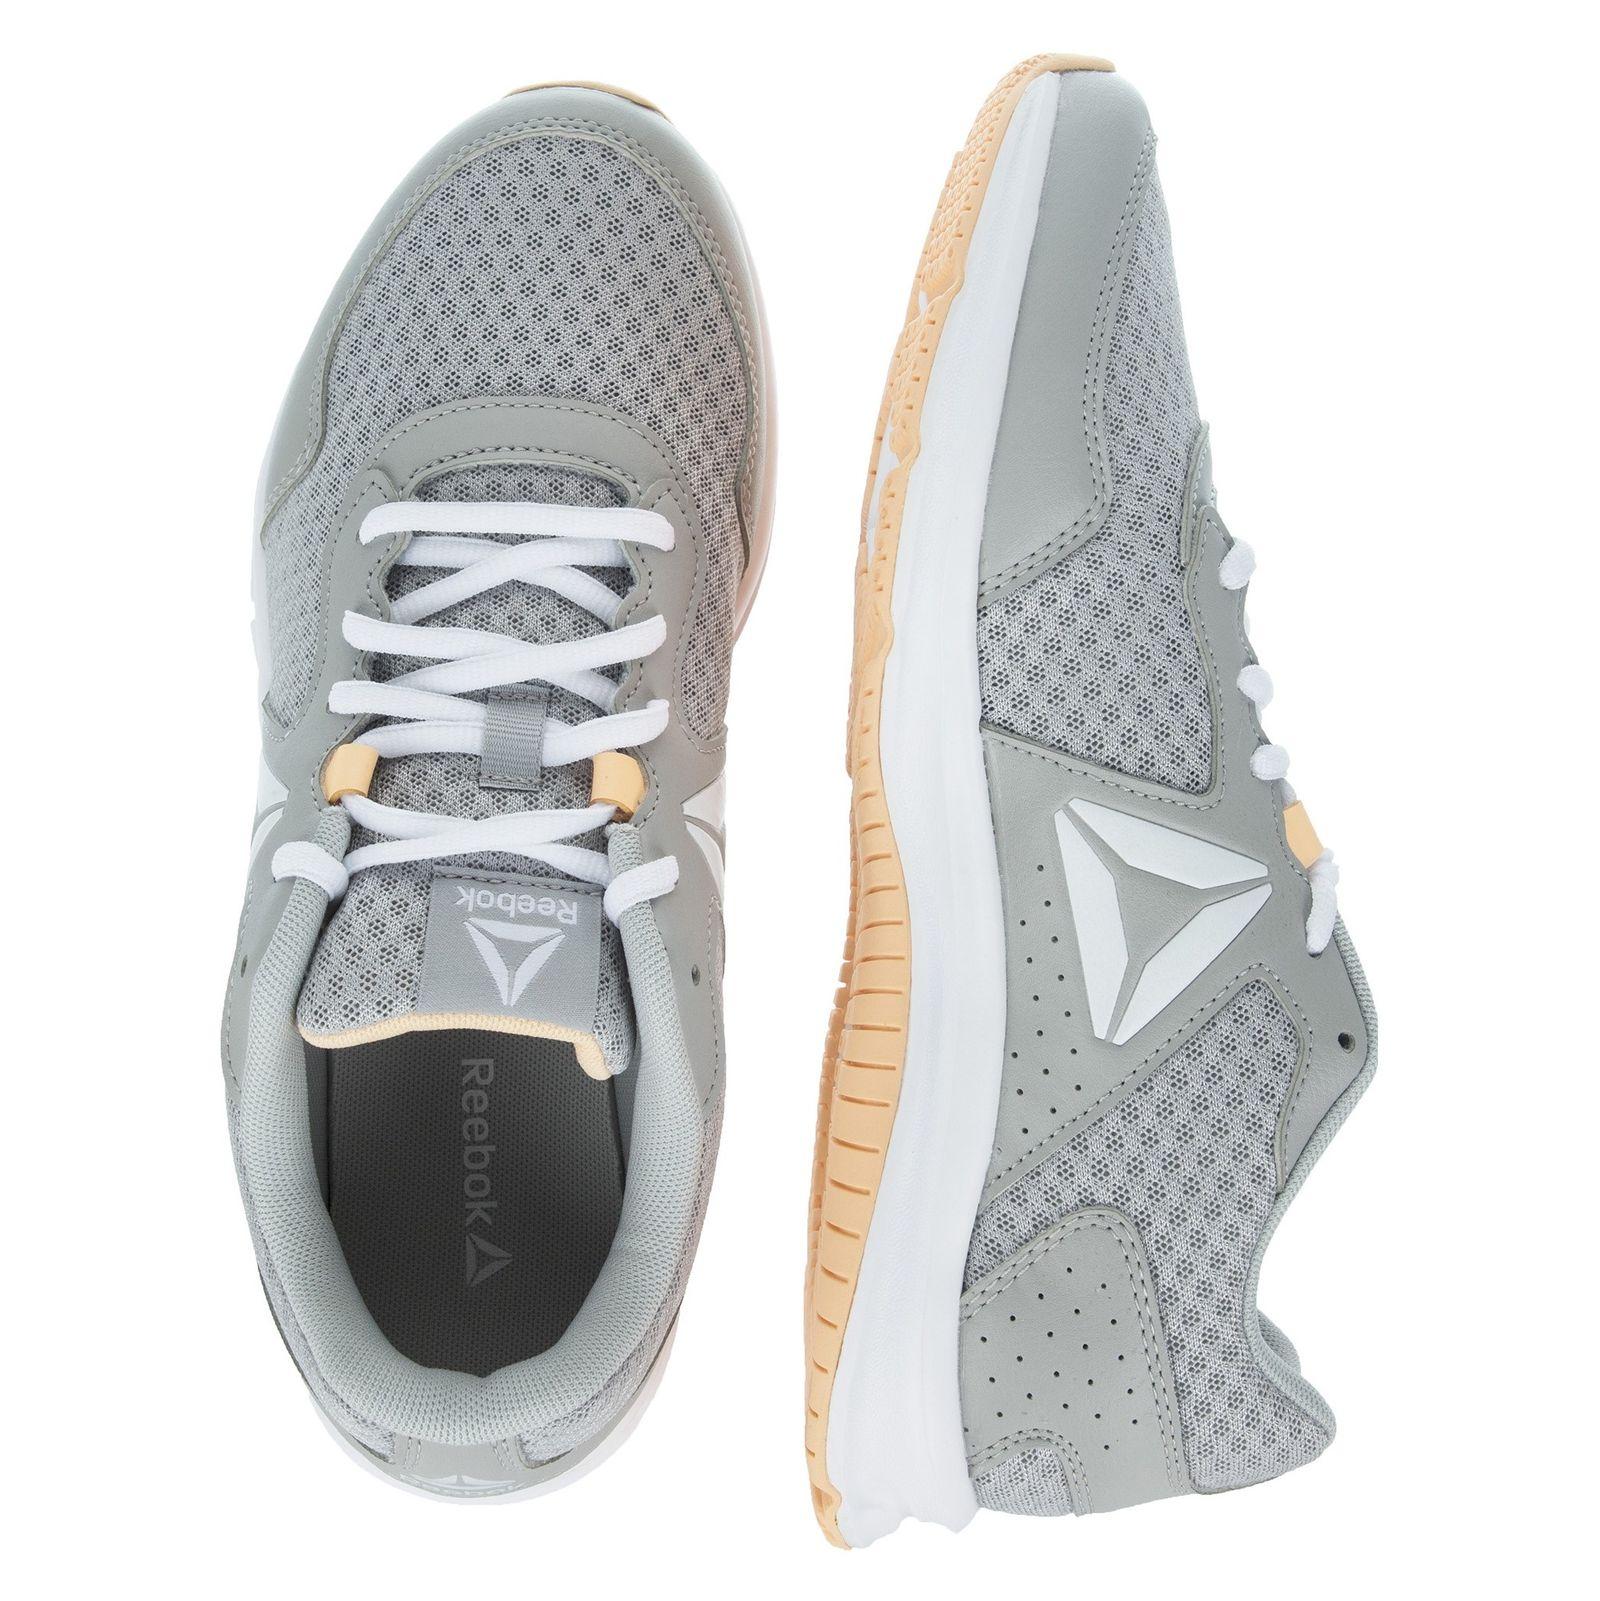 کفش مخصوص دویدن زنانه ریباک مدل Express - طوسي - 3